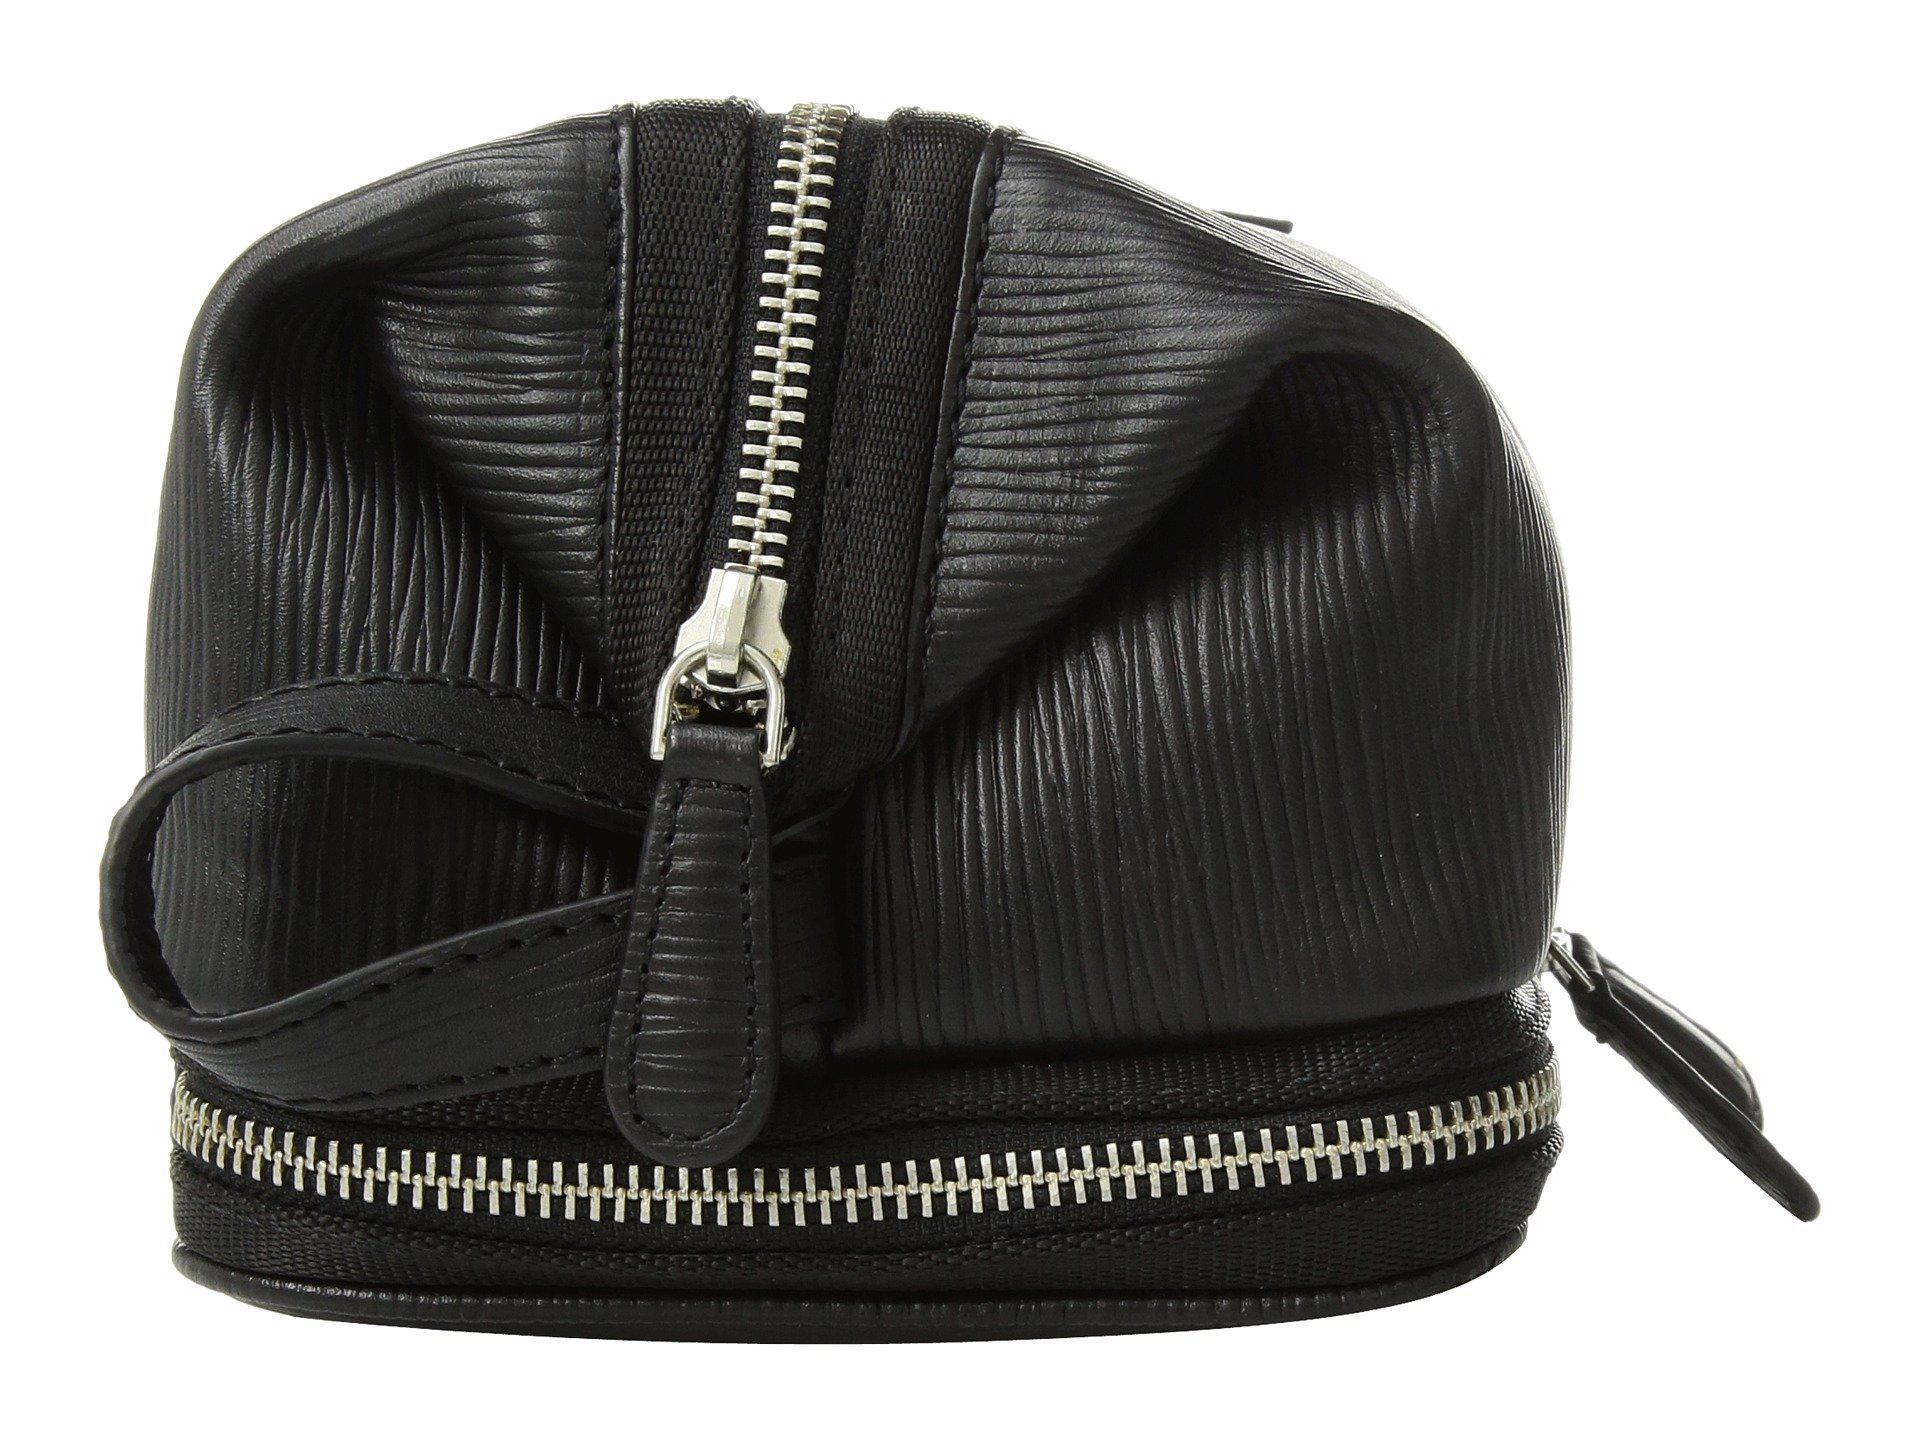 da850900a51b6 Lyst - Ted Baker Kitter (black) Bags in Black